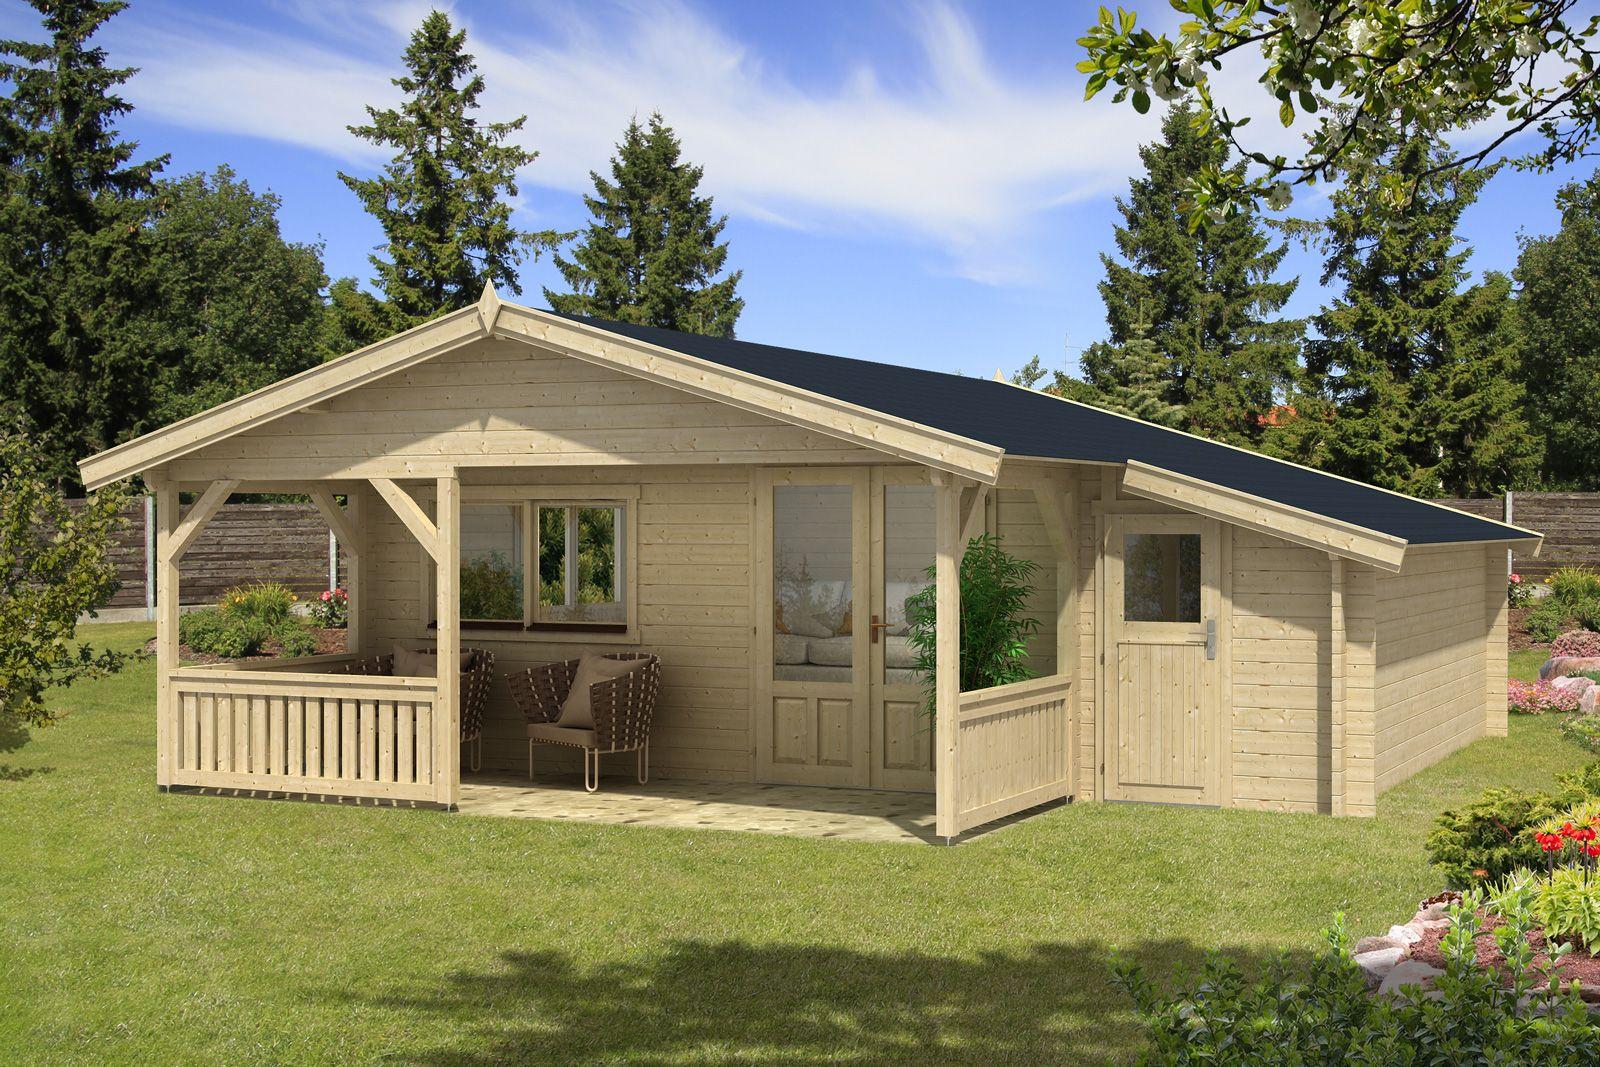 Attractive Gartenhaus Flex 50 E Mit 200cm Terrasse + Anbau 5x5+2Z   A Z Gartenhaus GmbH